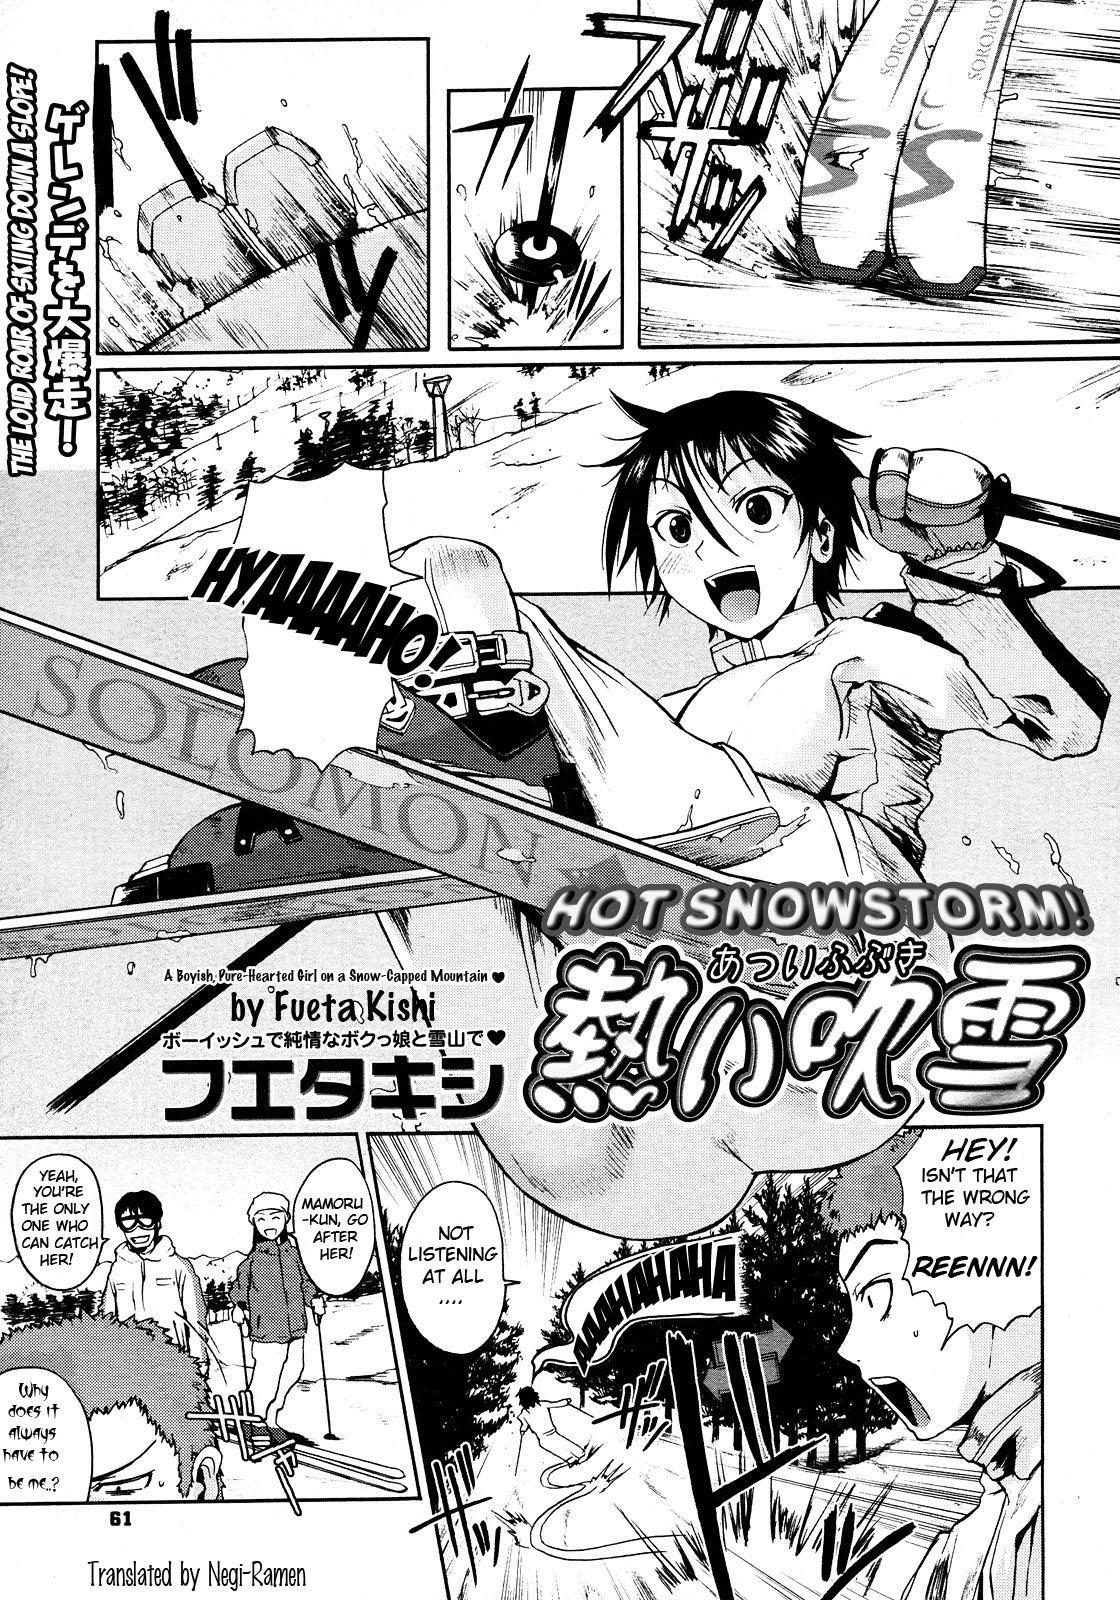 Atsui Fubuki   Hot Snowstorm 0